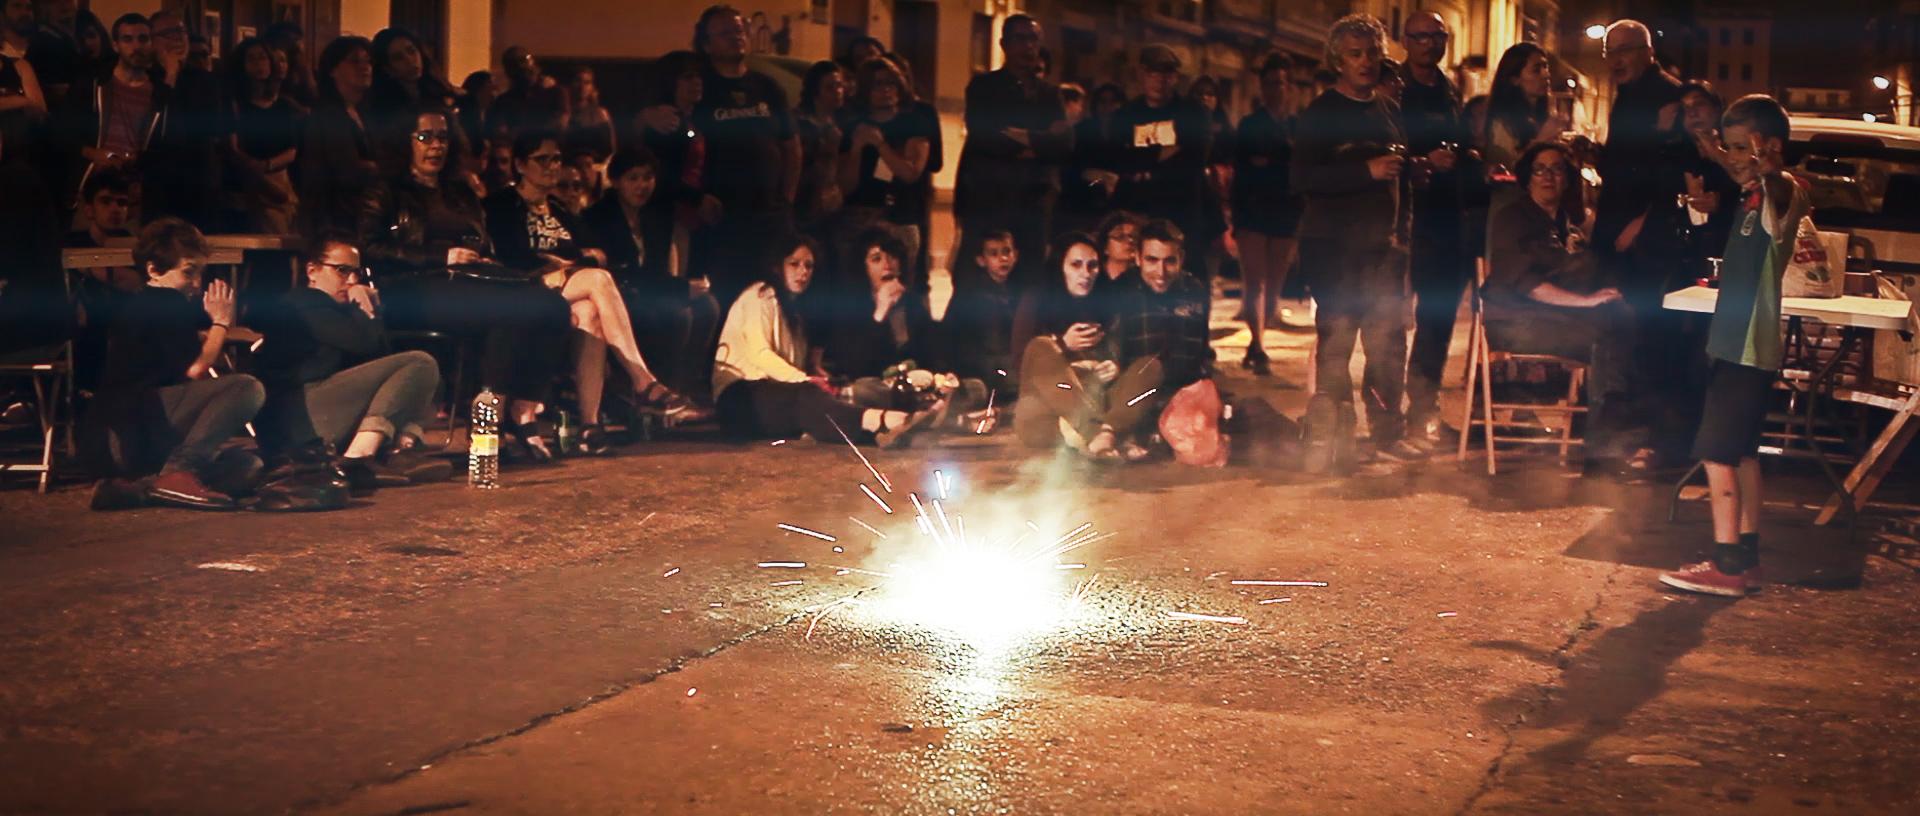 FESTIVAL_CABANYAL_INTIM_VERKAMI_6ª_Edición.Imagen fija014